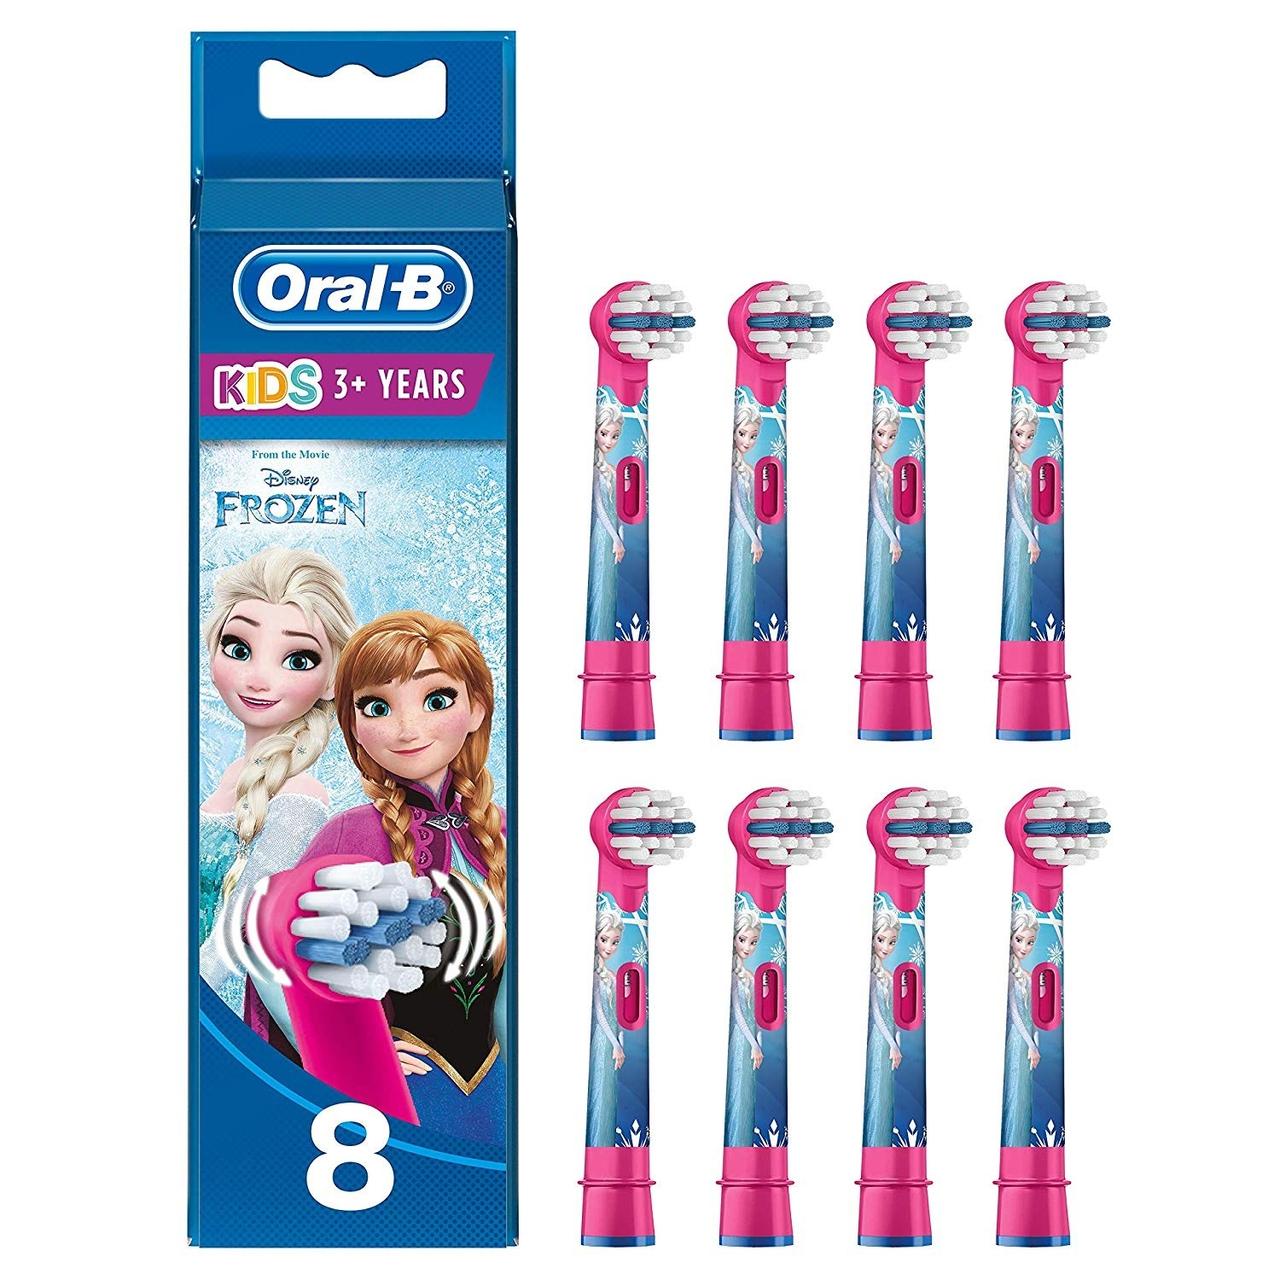 降价!【亚马逊海外购】Oral-B 欧乐 Stages Power 儿童电动牙刷替换刷头8支装 冰雪奇缘款